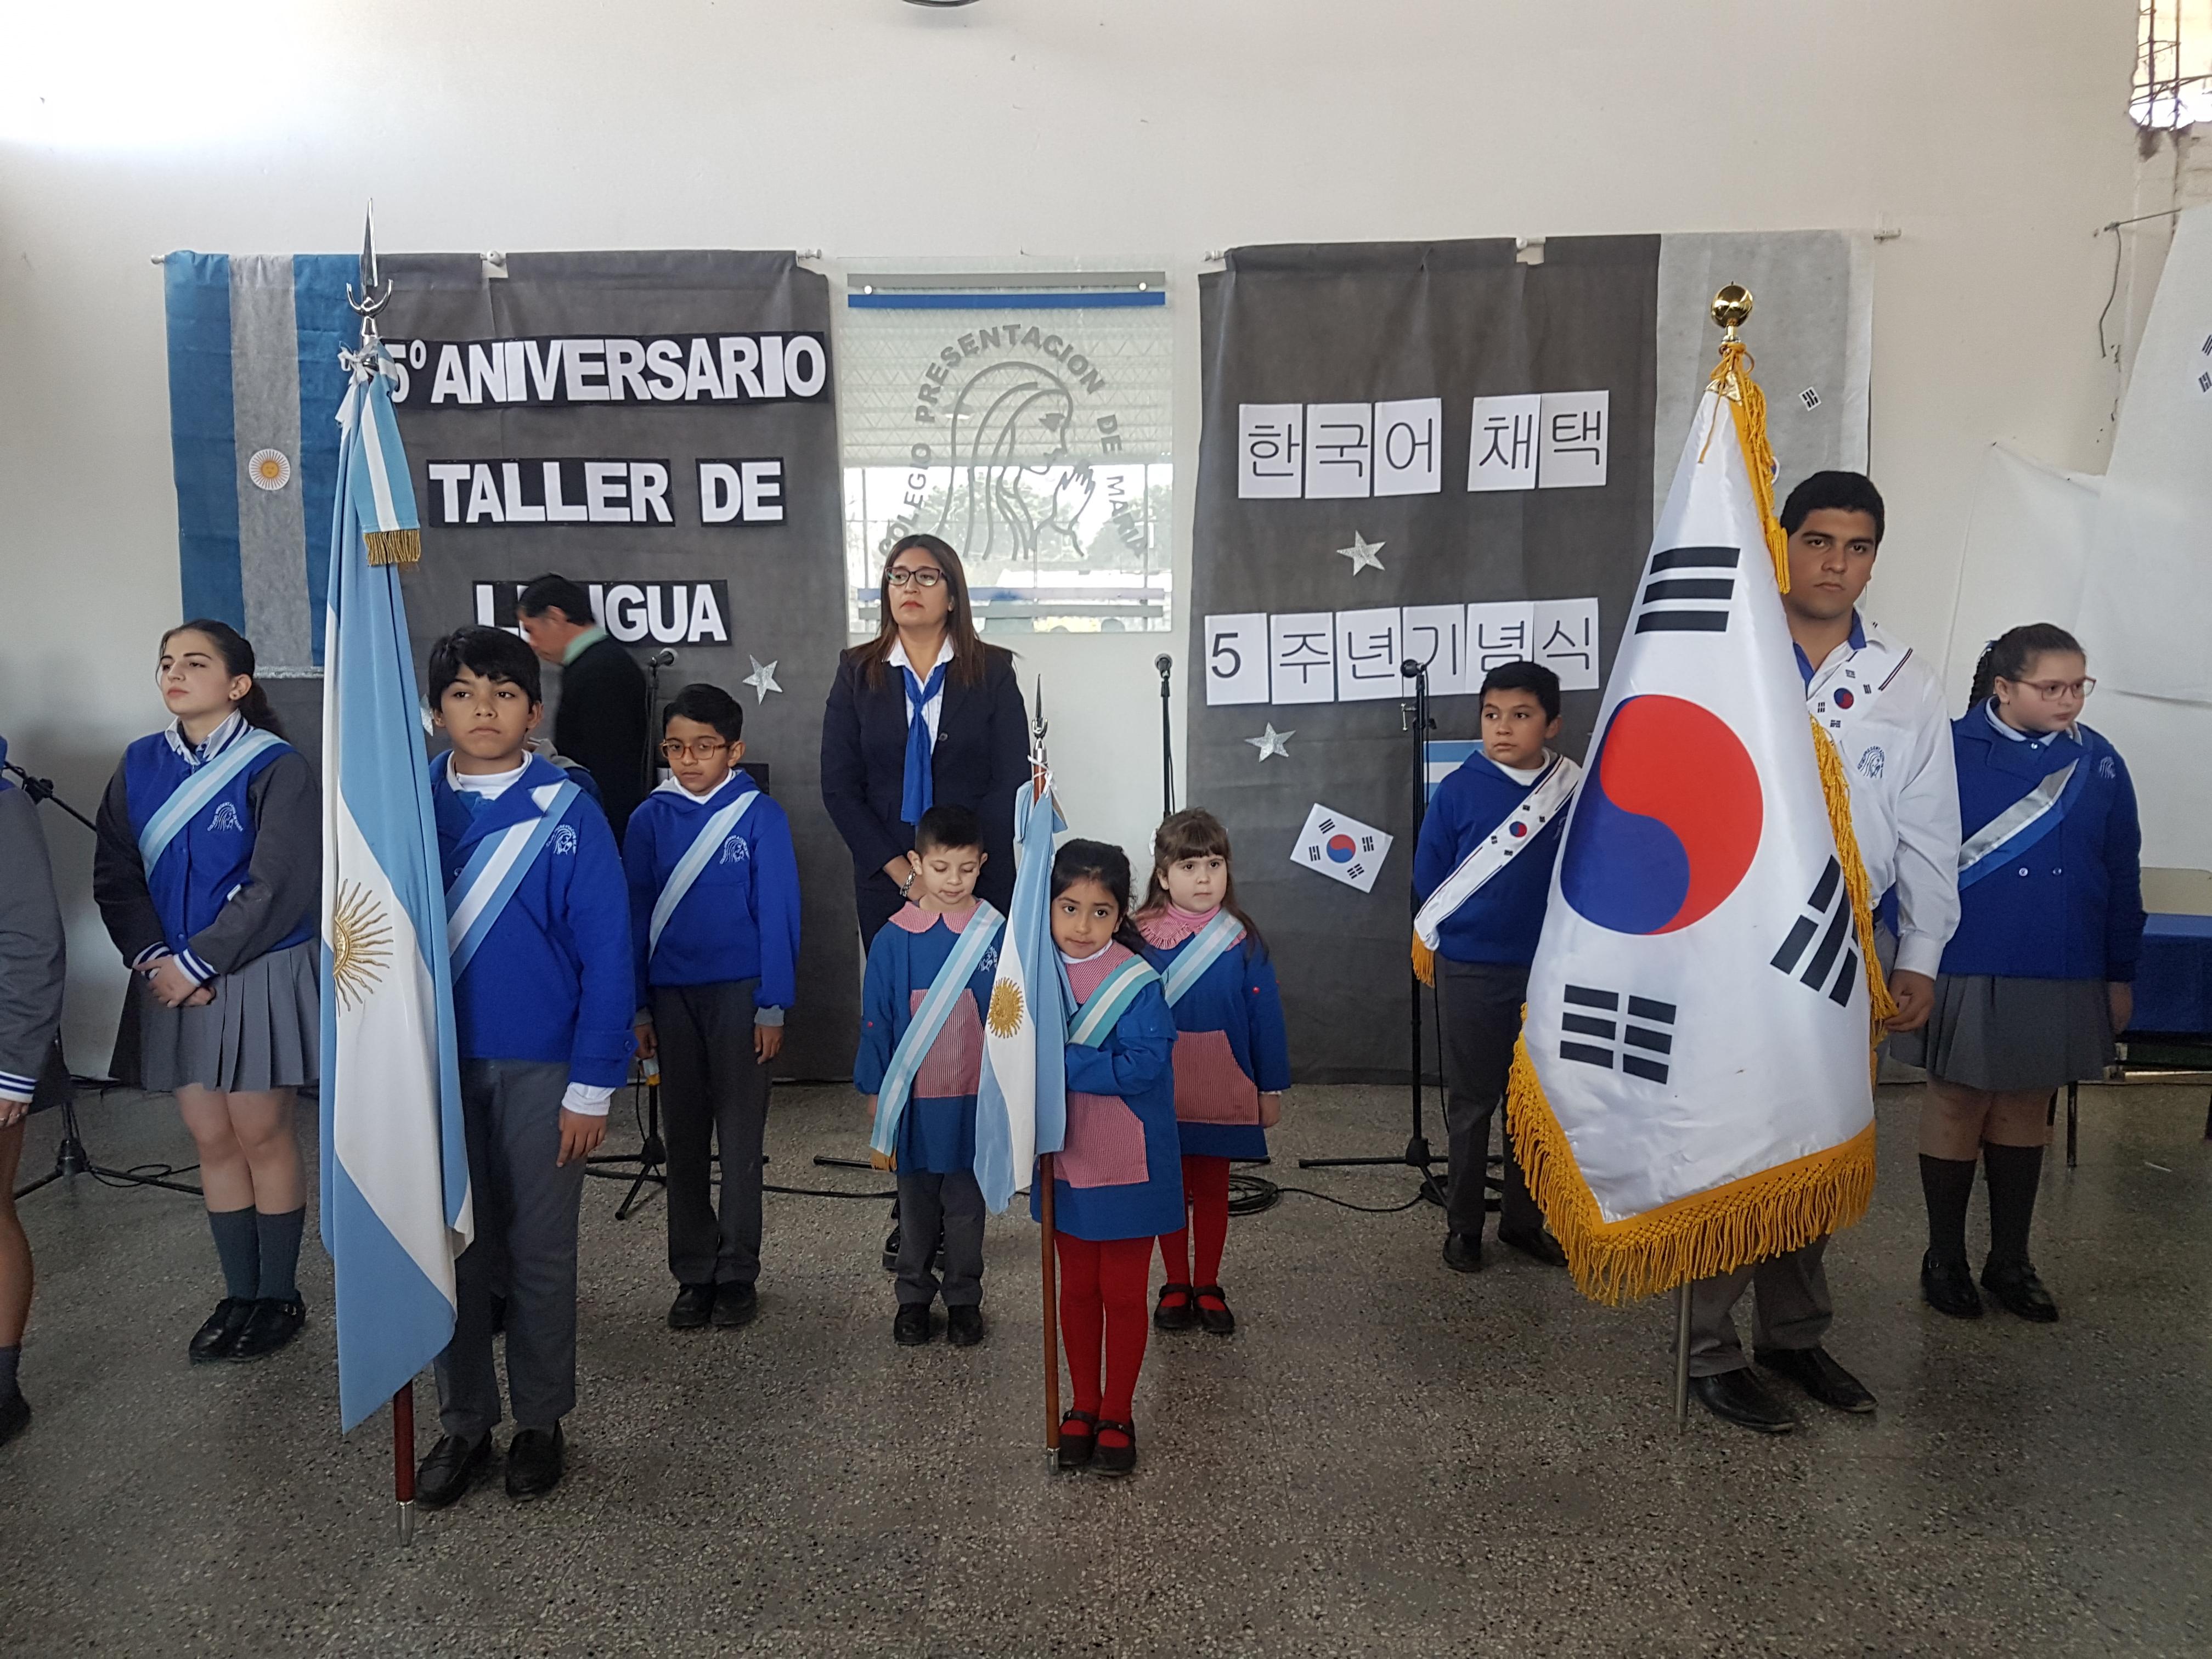 뚜꾸만마리아학교한국어채택5주년행사 (1).jpg